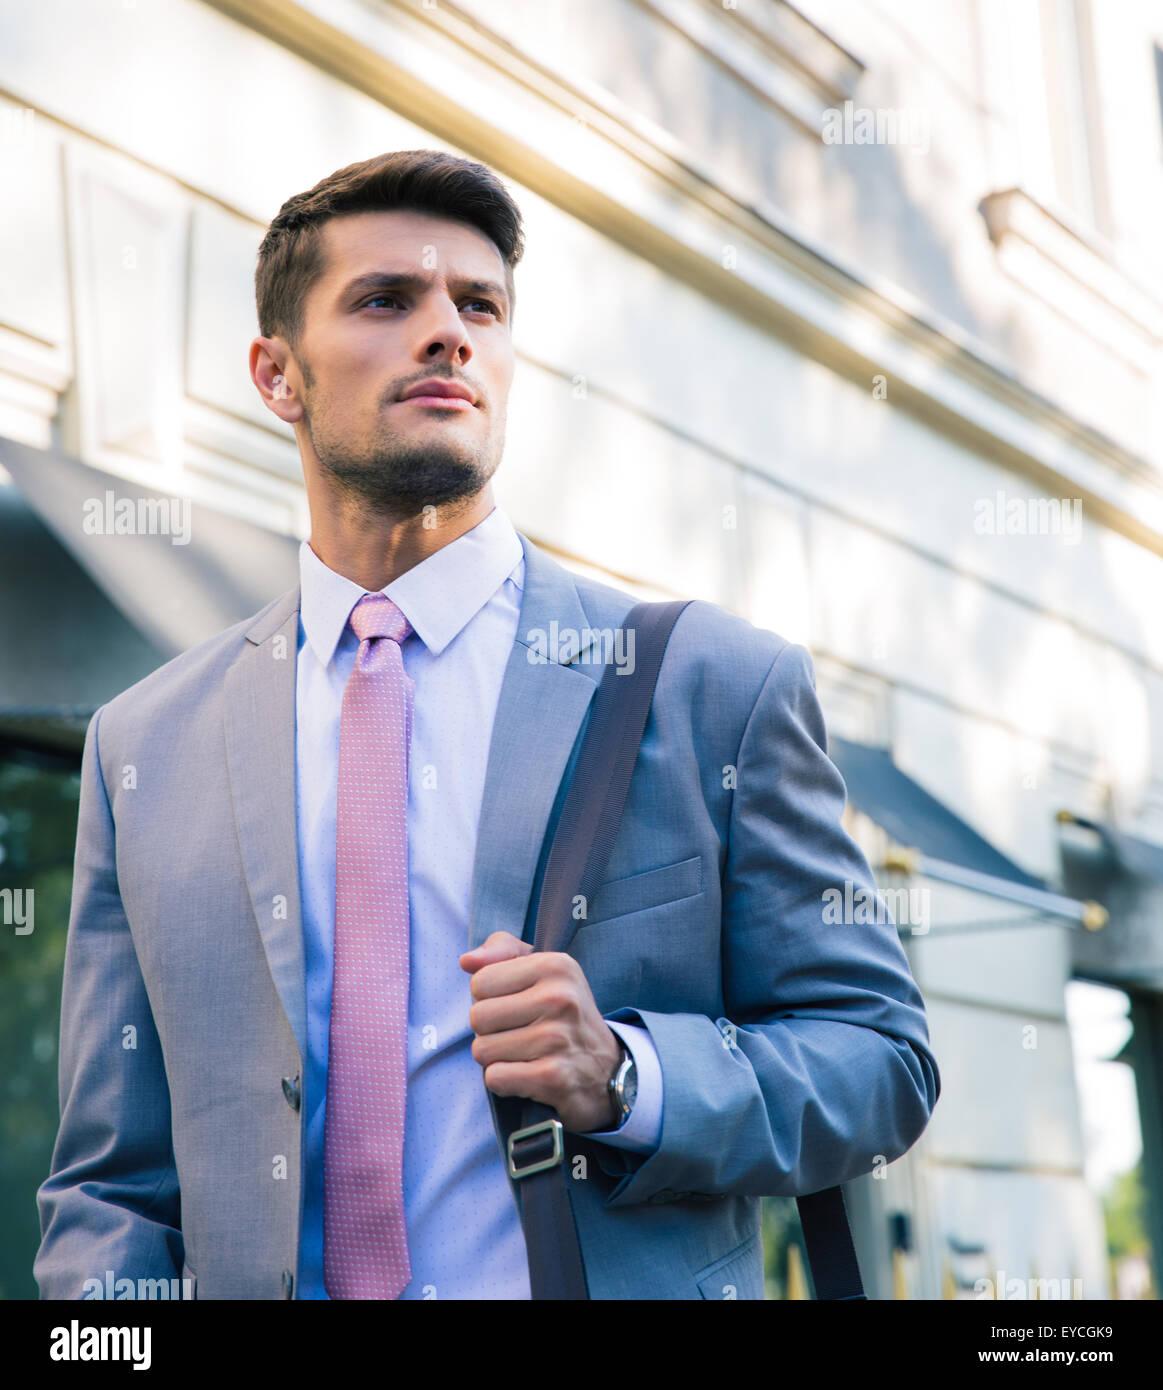 Ritratto di un fiducioso giovane imprenditore all'aperto a piedi in città Immagini Stock